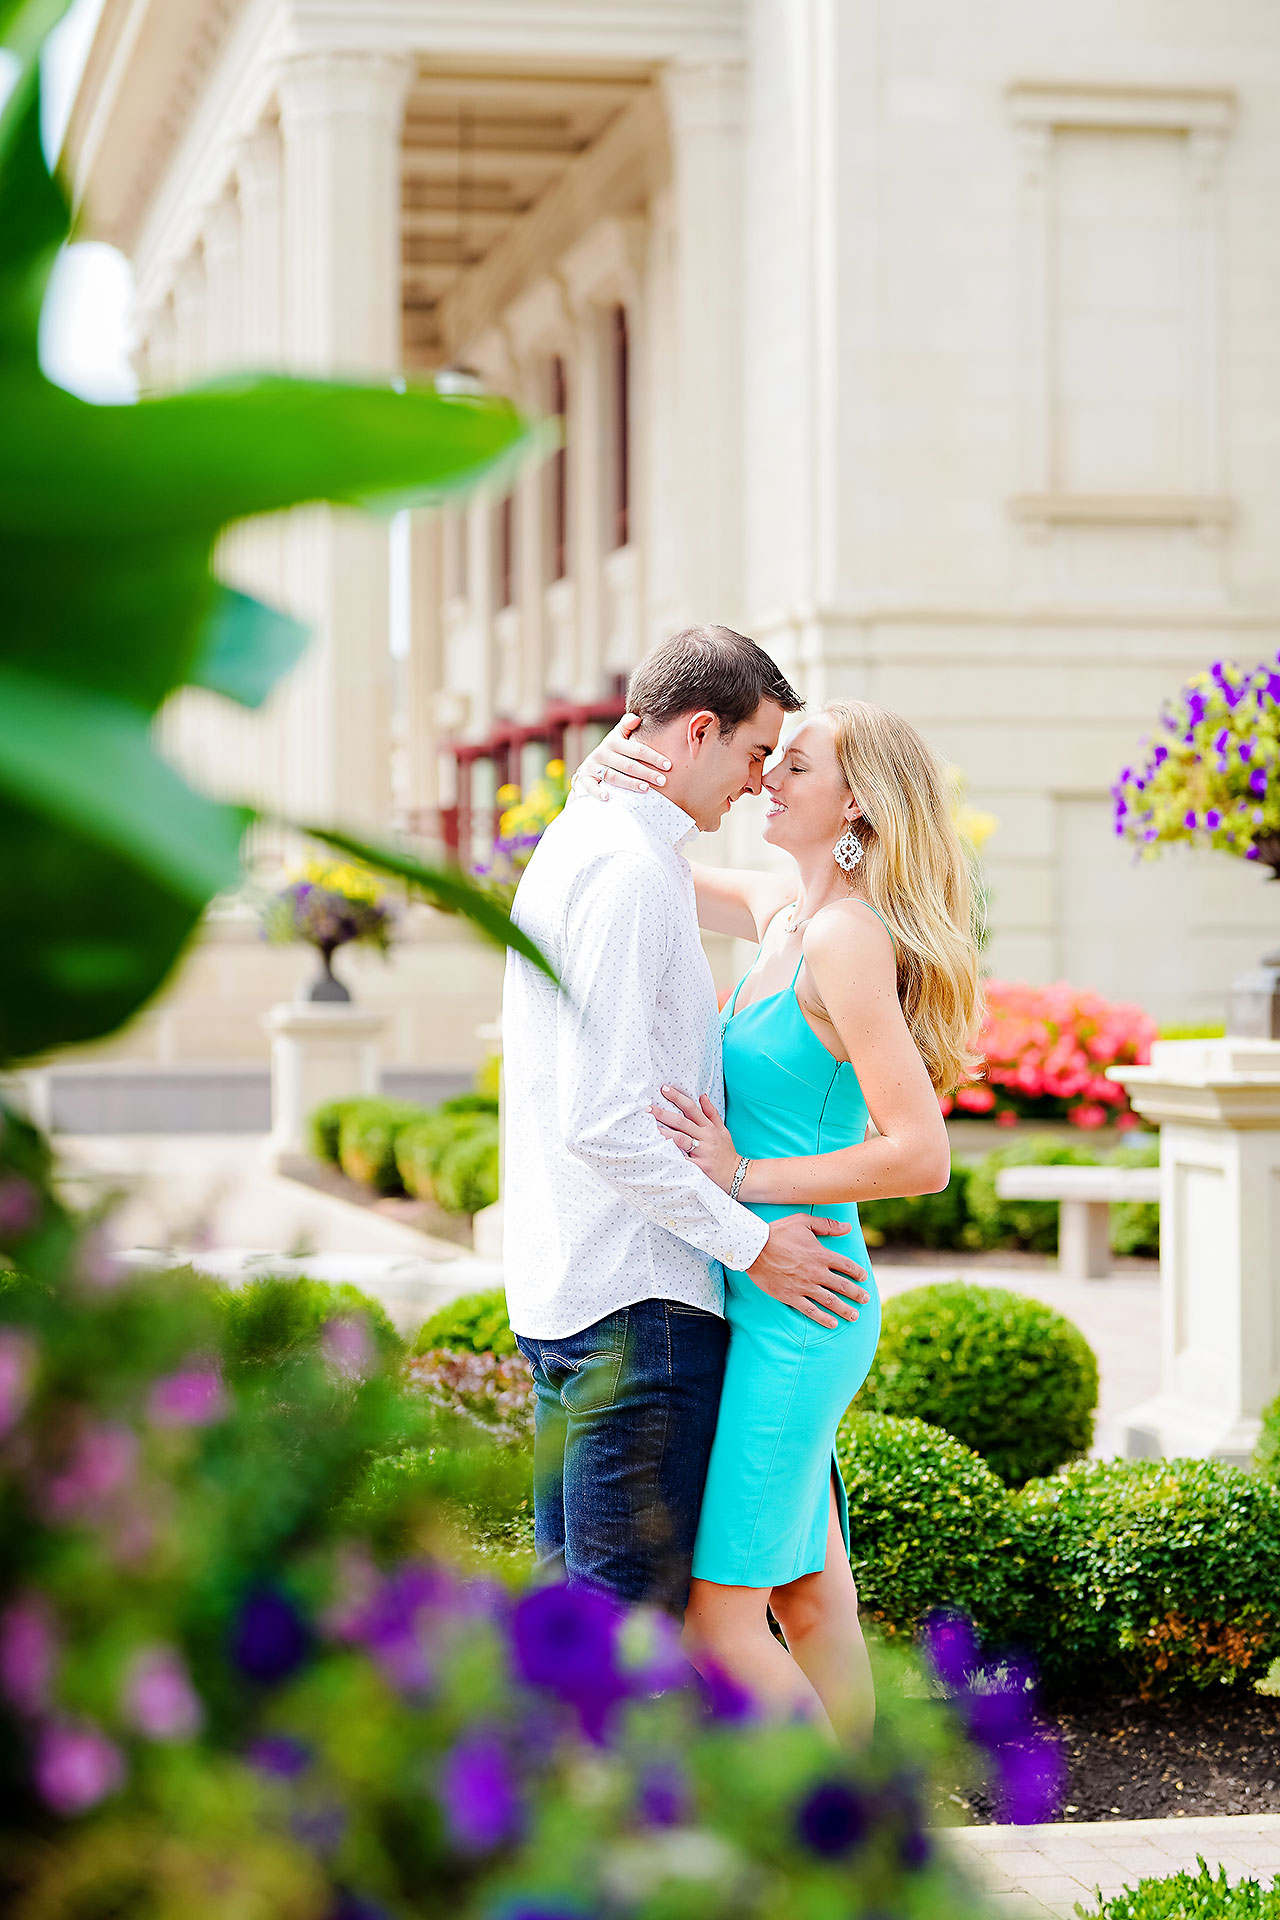 Liz Zach Midtown Carmel Engagement Session 131